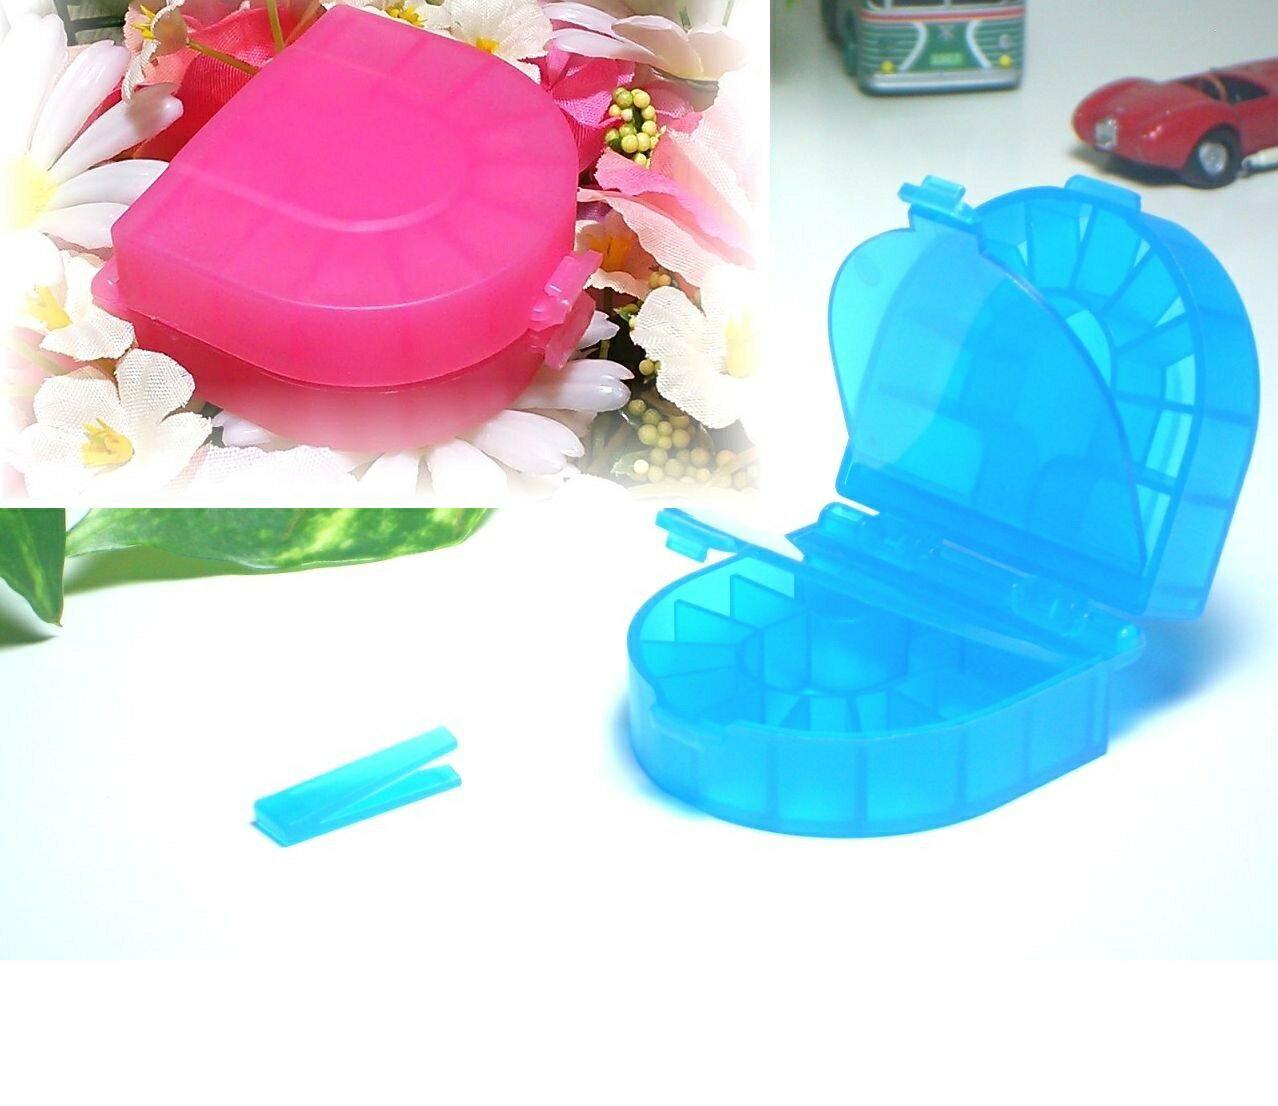 乳歯をお口の様にひとつひとつ収納できる乳歯ケース!!